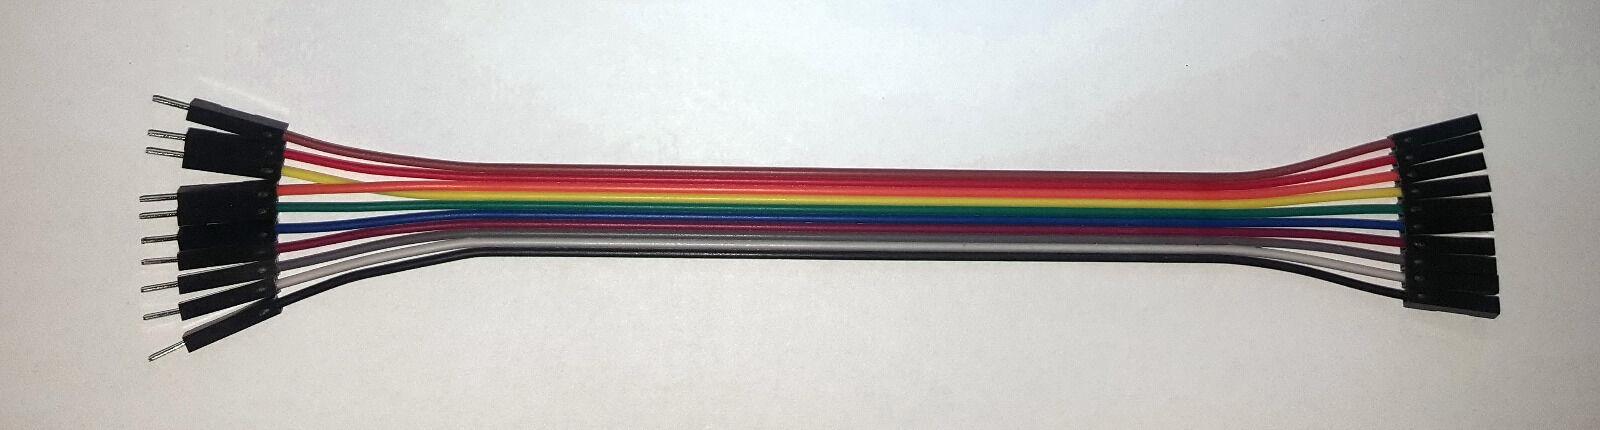 female female Jumper Wire Kabel 10P 10cm Steckbbuchs.Raspberry Arduino Steckbr